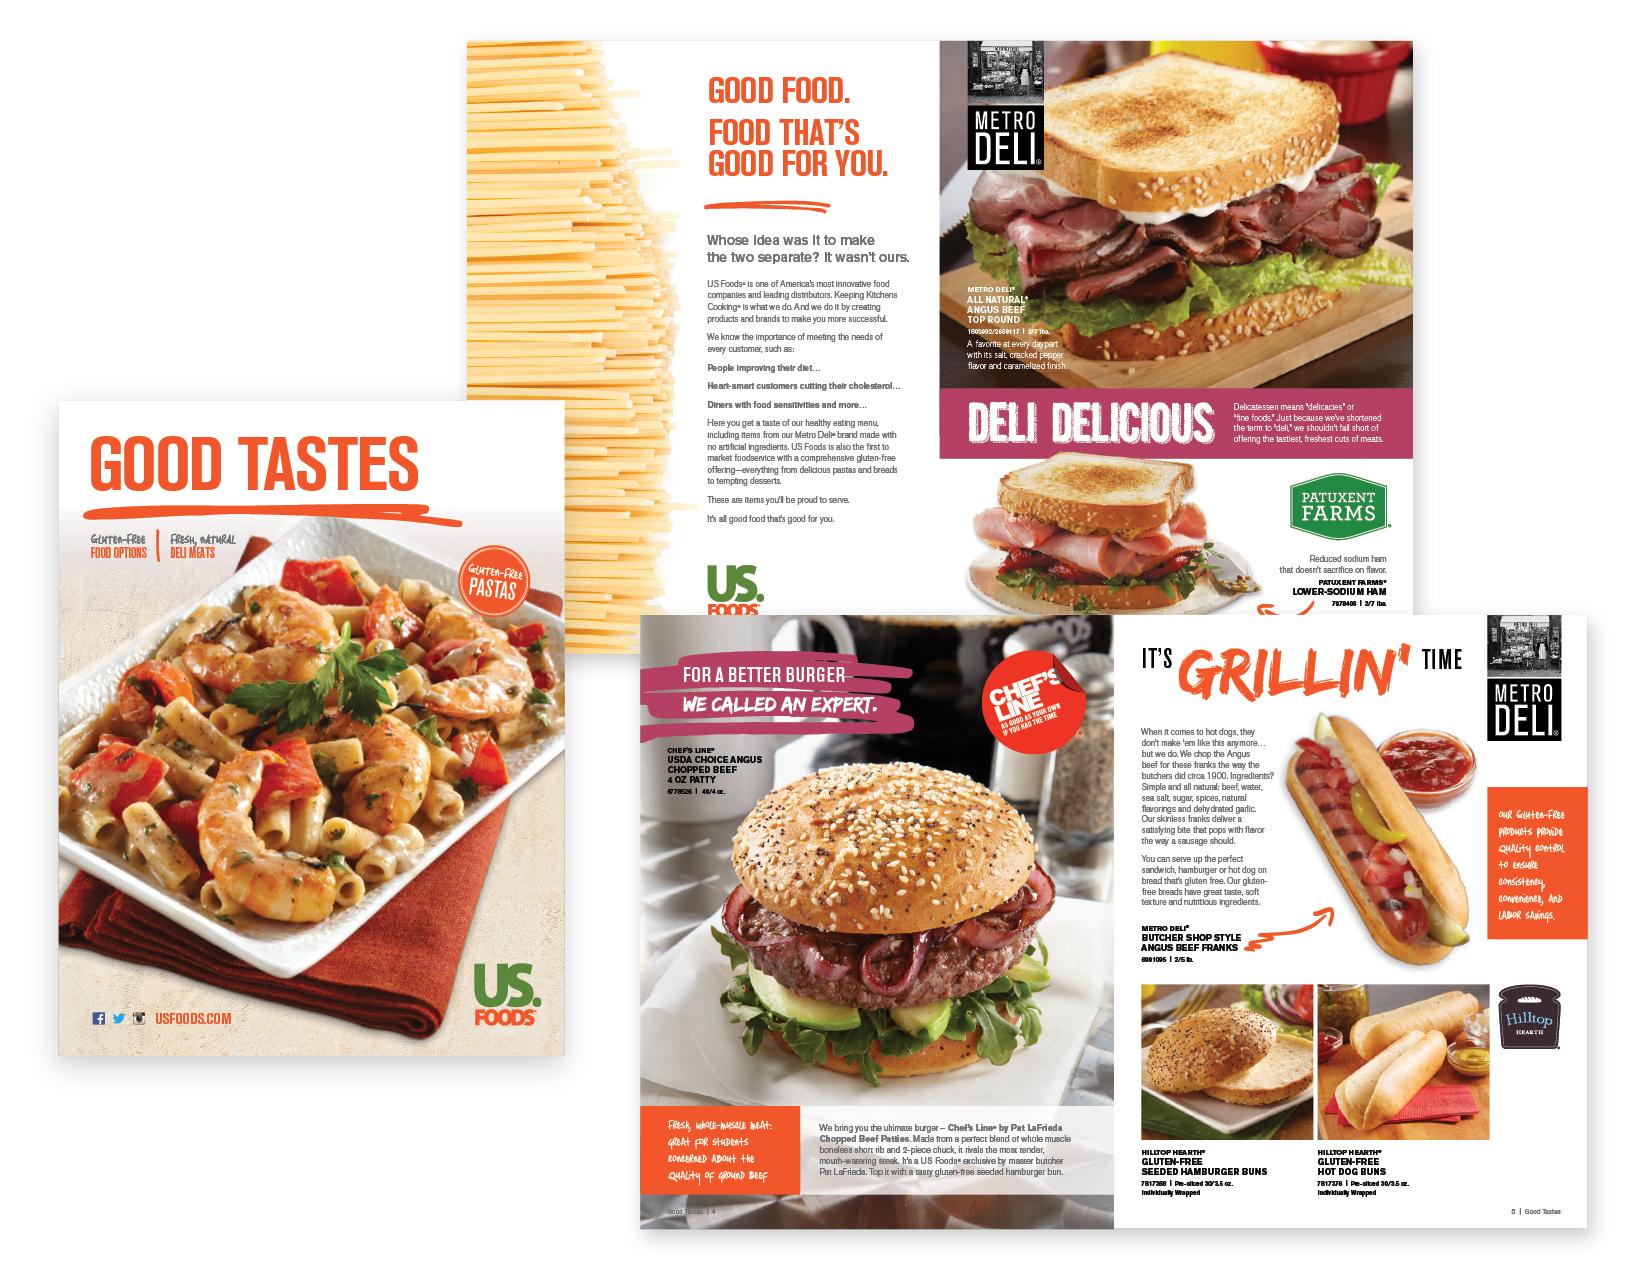 Good Tastes Brochure, US Foods